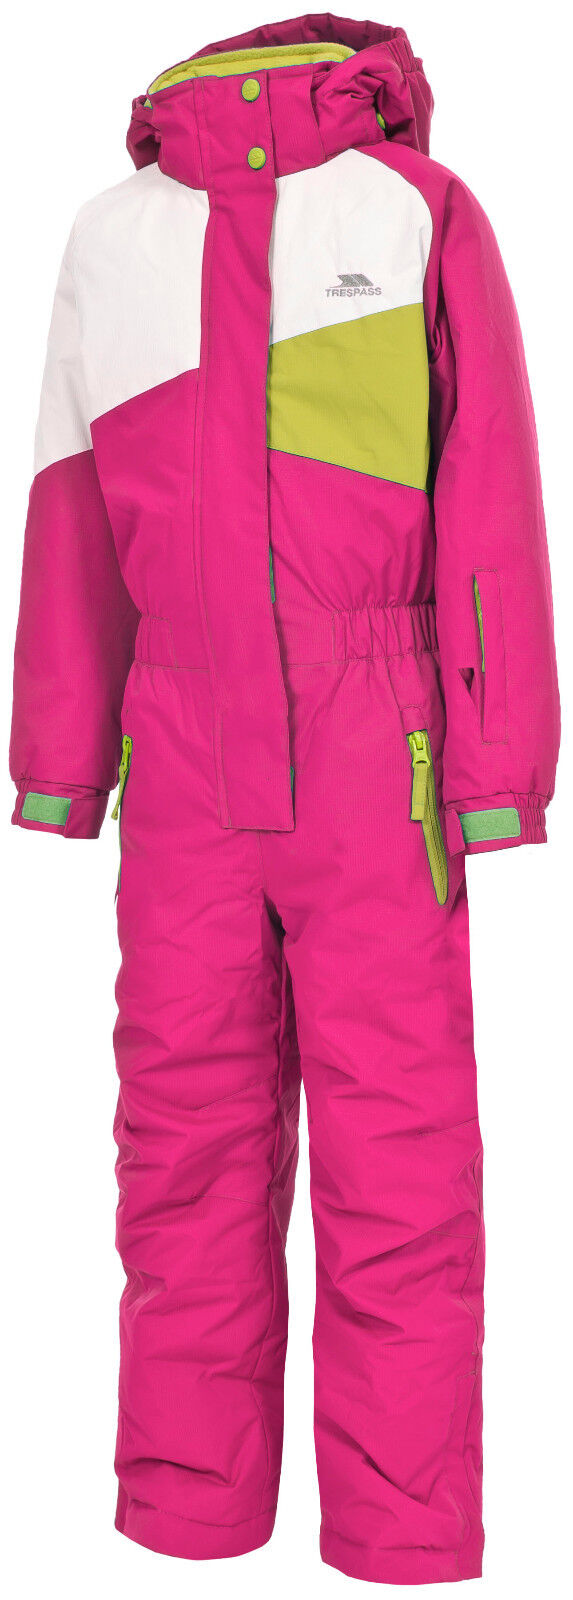 Trespass  Wiper Girls 1 Piece Kids Ski Suit, Bubblegum  best prices